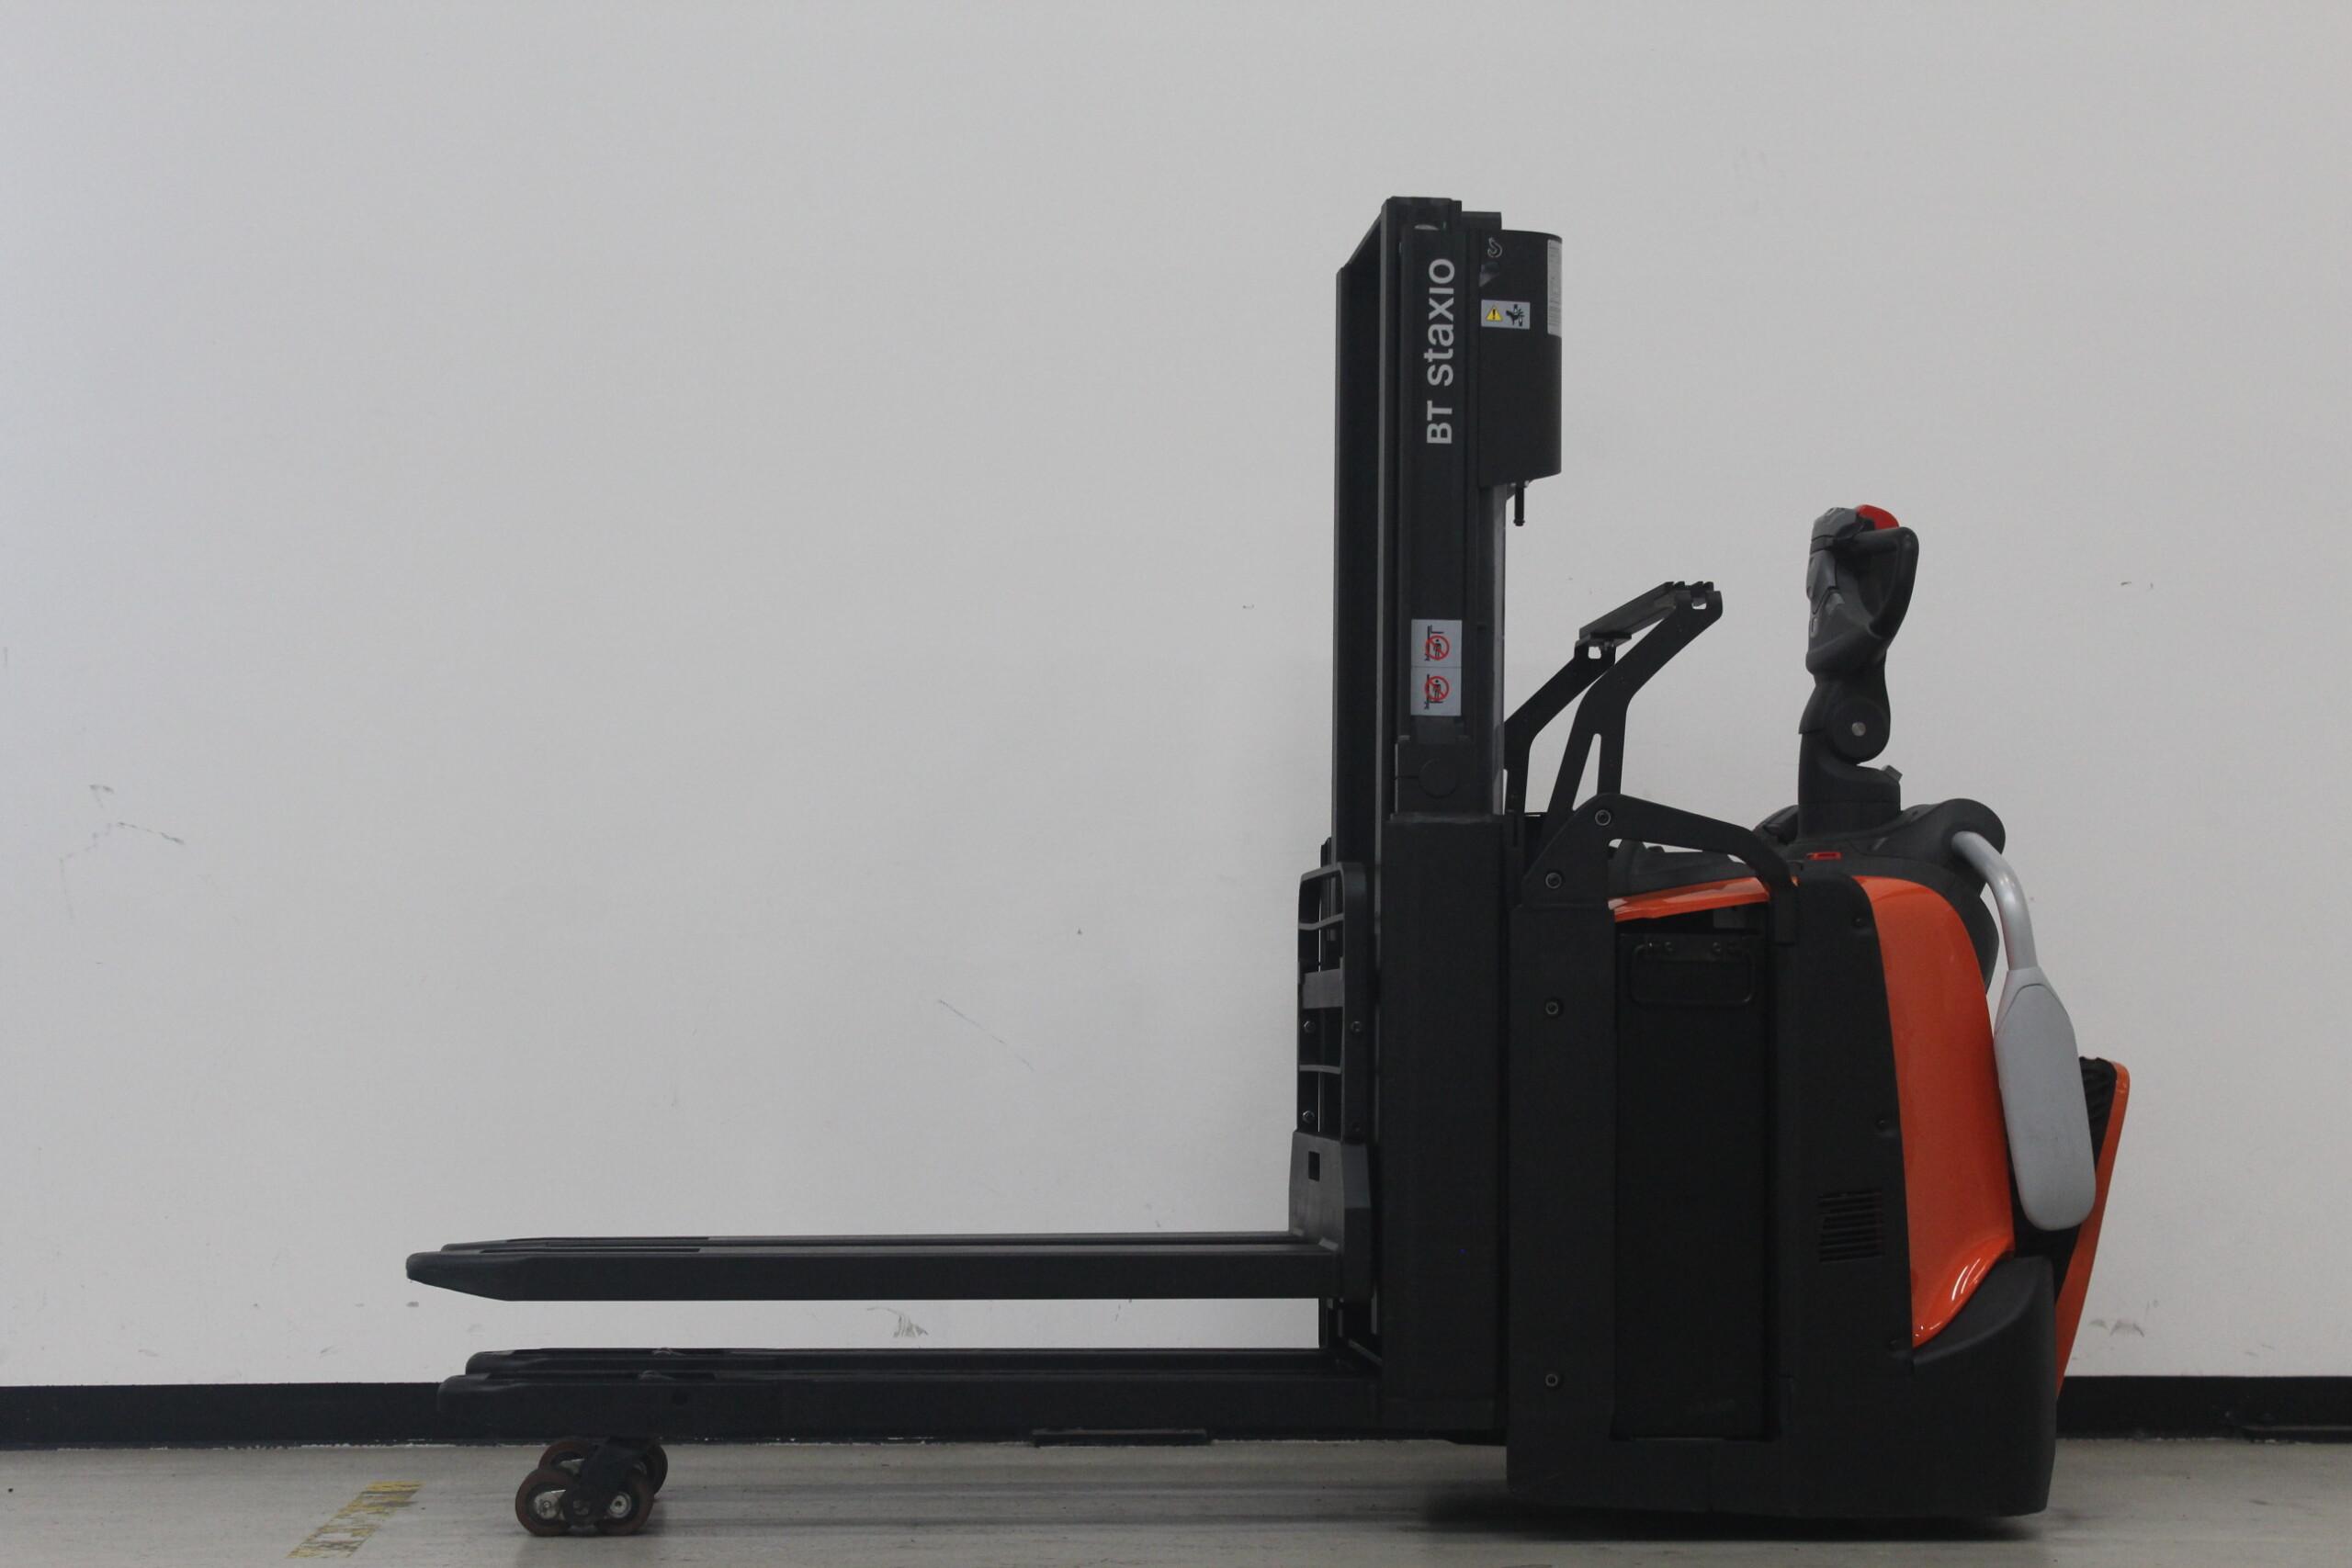 Toyota-Gabelstapler-59840 1803034791 1 8 scaled